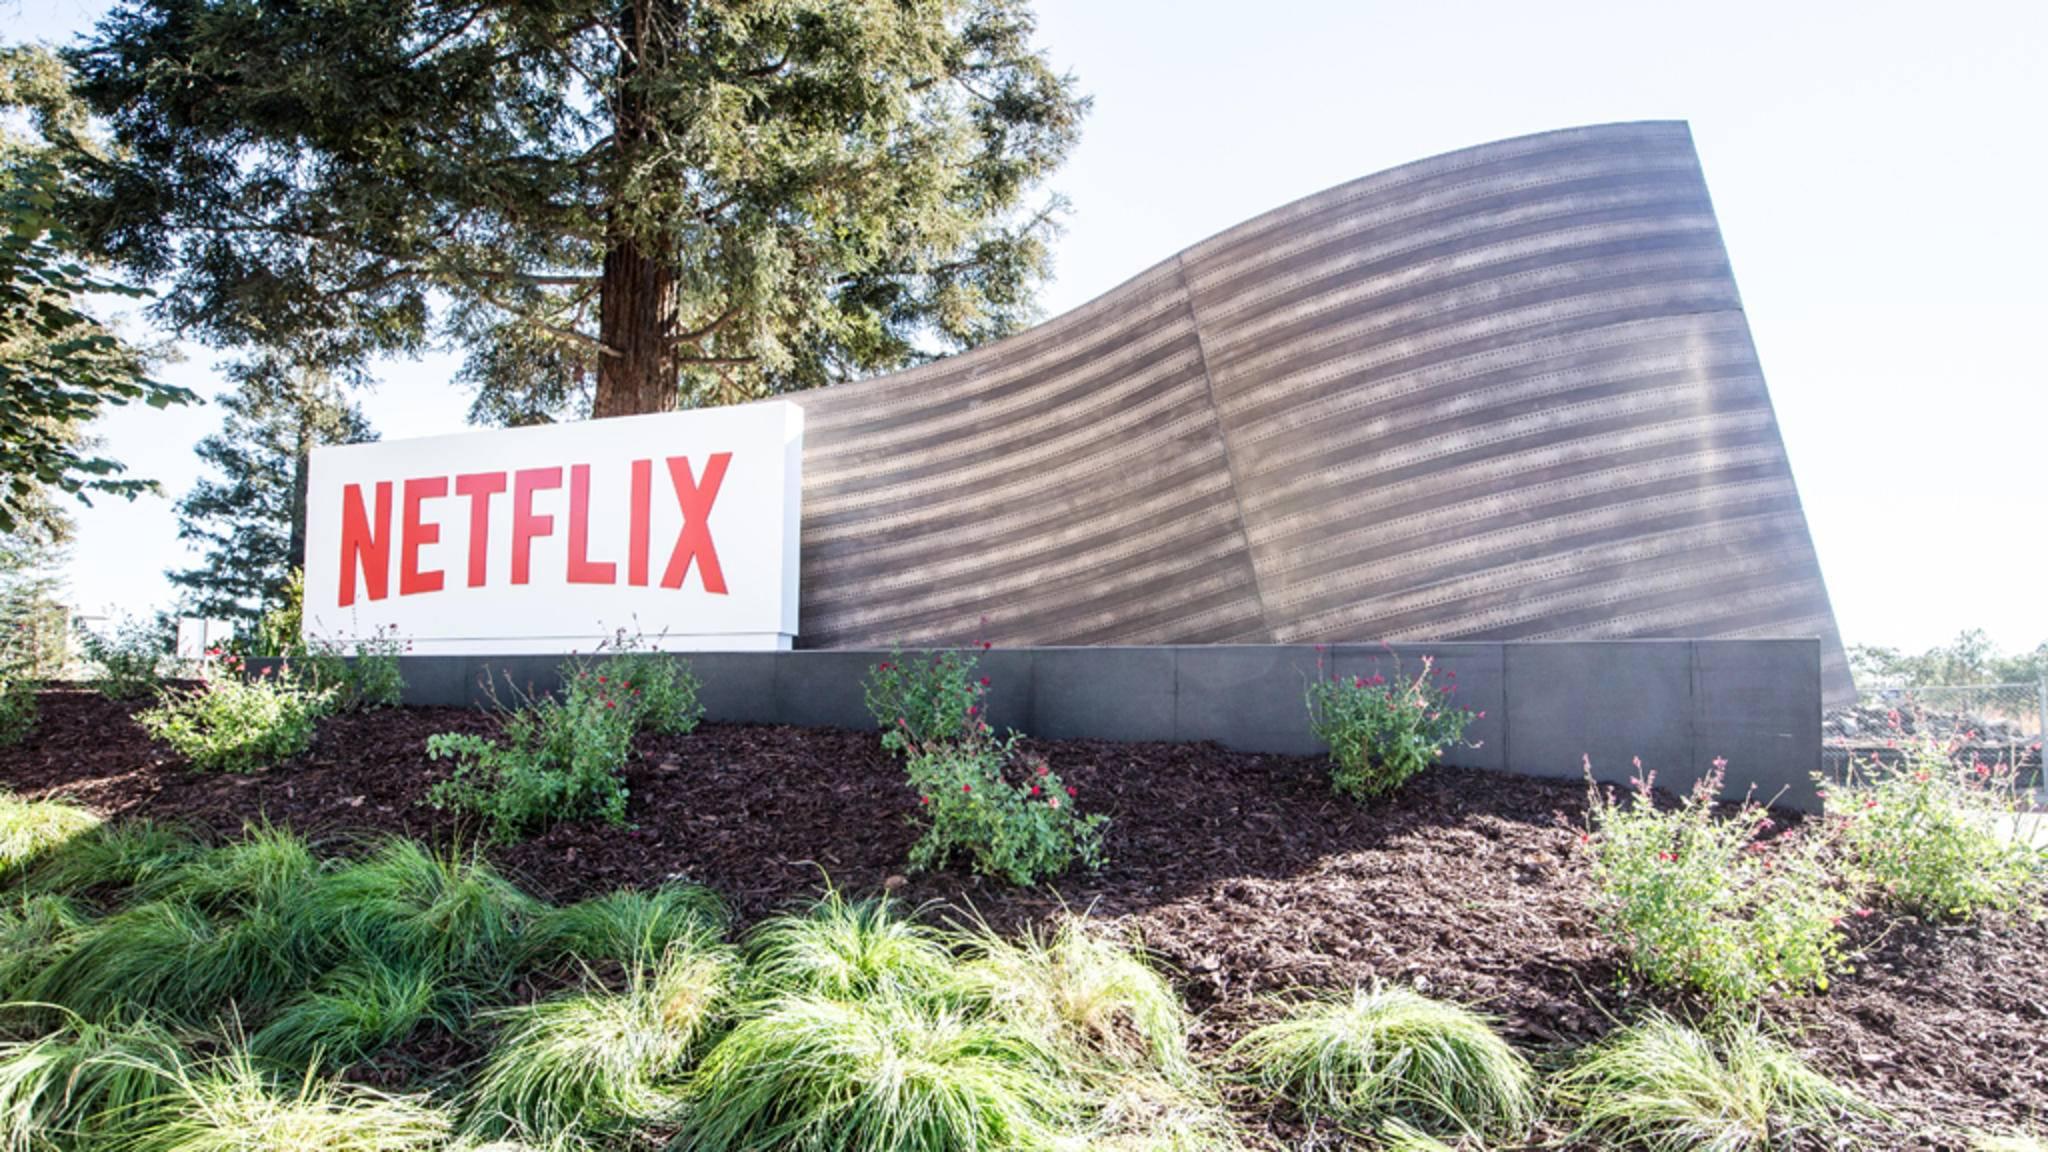 Alle Jahre wieder: Auch in diesem Jahr erhöht Netflix seine Abo-Preise – allerdings heftiger als bisher.